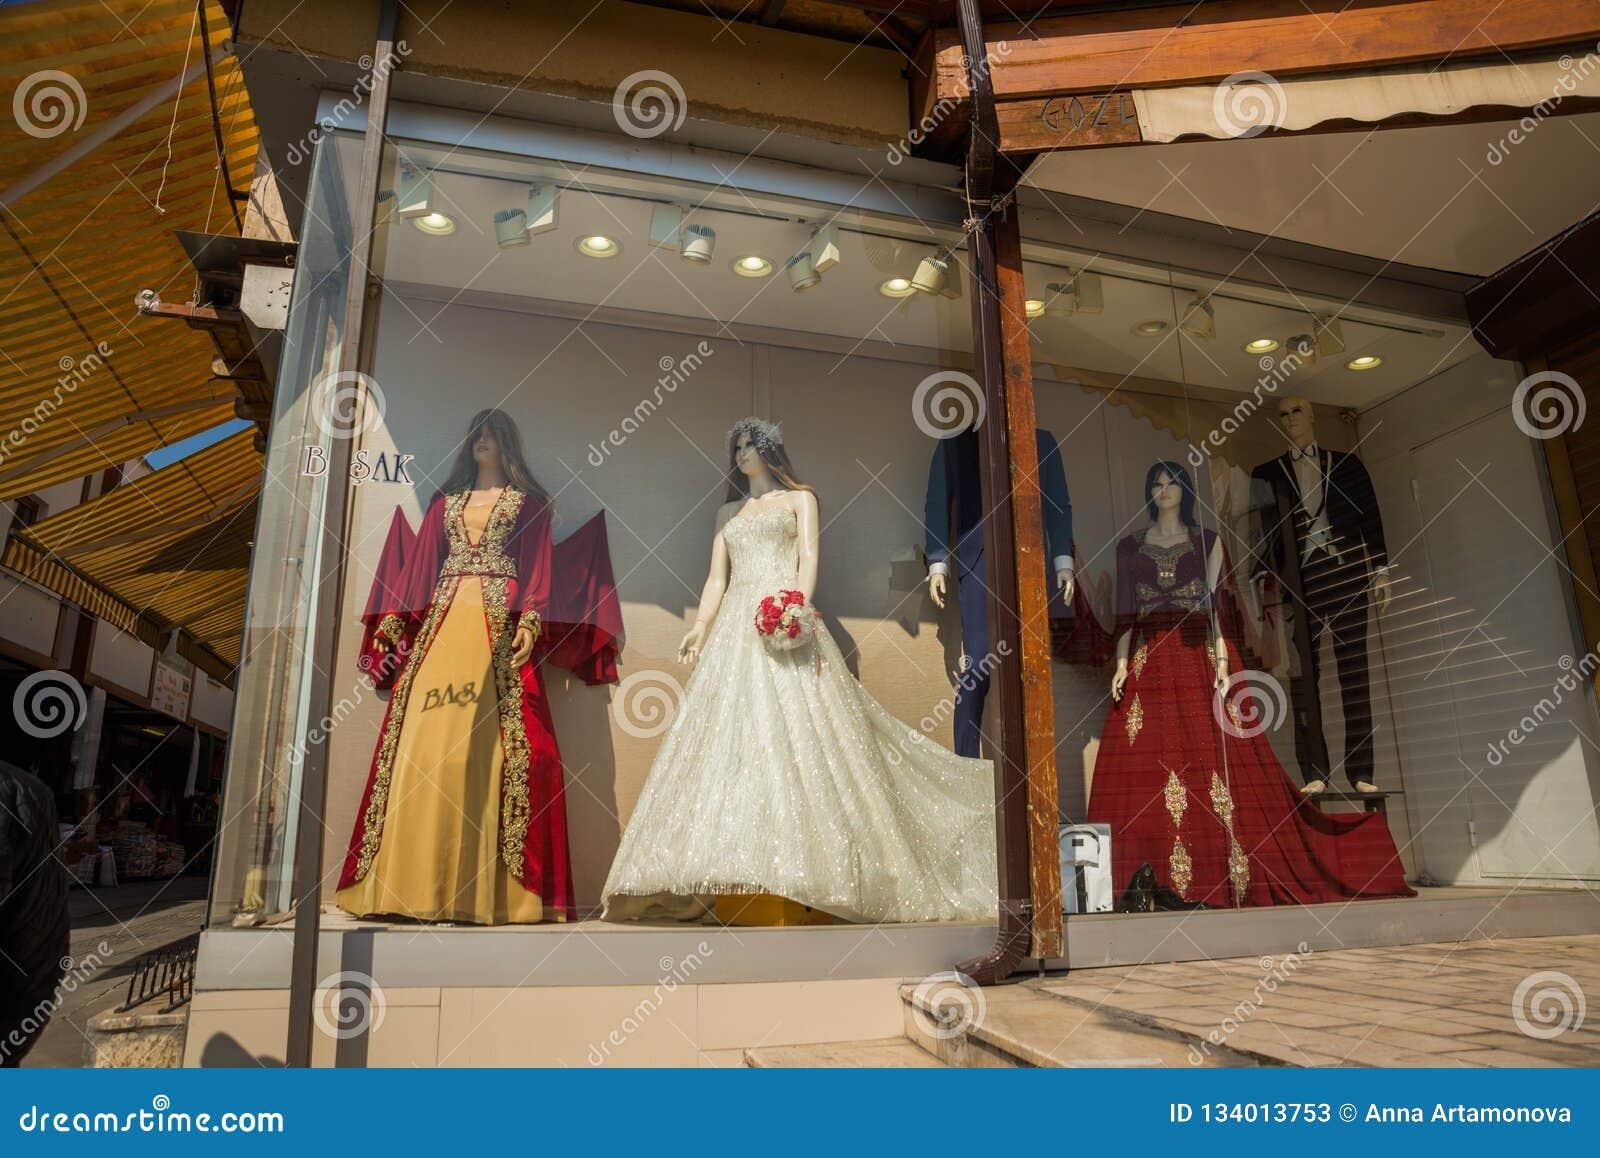 Оптовая продажа турецкие платья. Купить лучшие турецкие платья из ... | 1157x1600